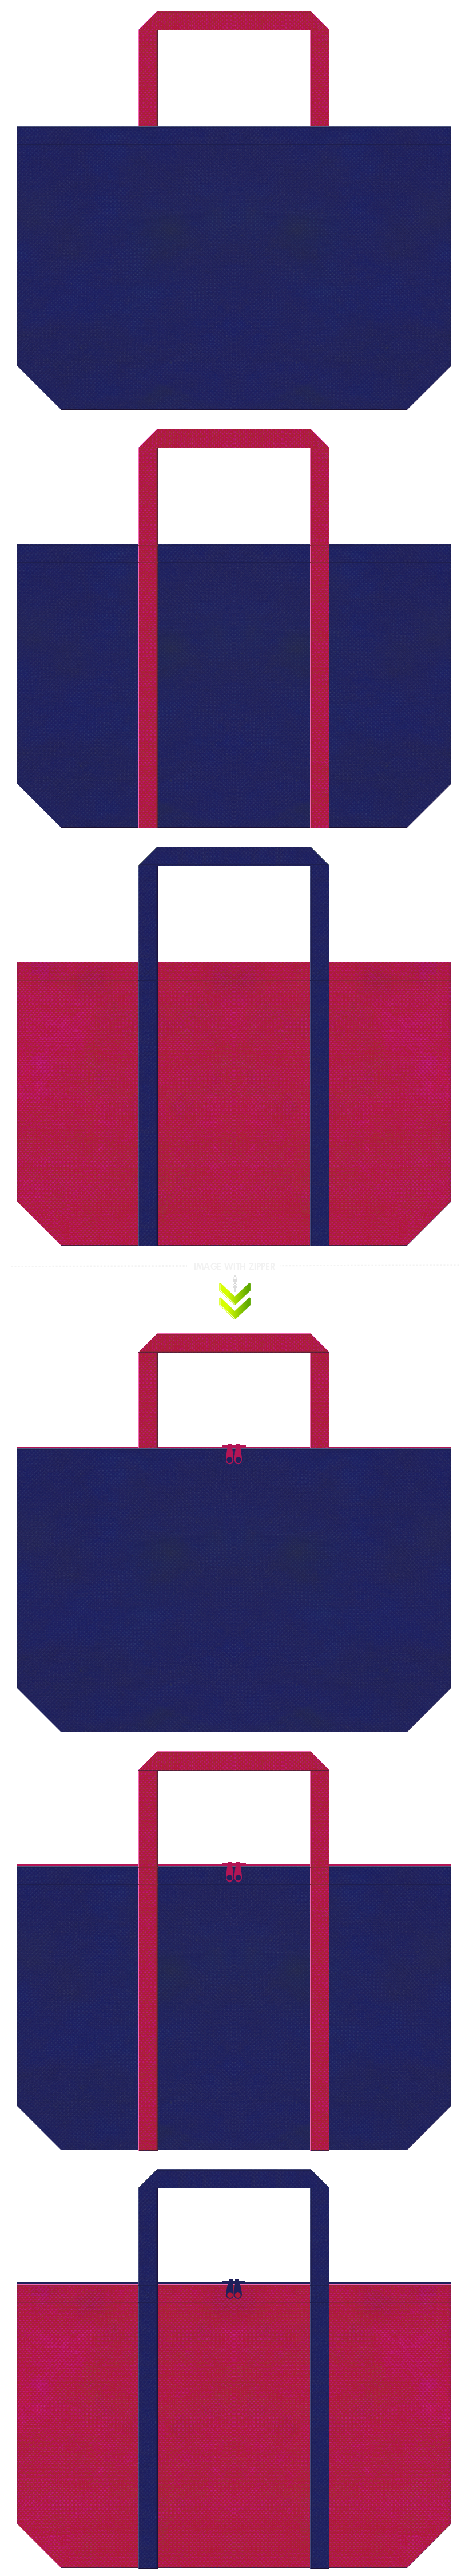 明るい紺色と濃いピンク色の不織布エコバッグのデザイン。浴衣風。